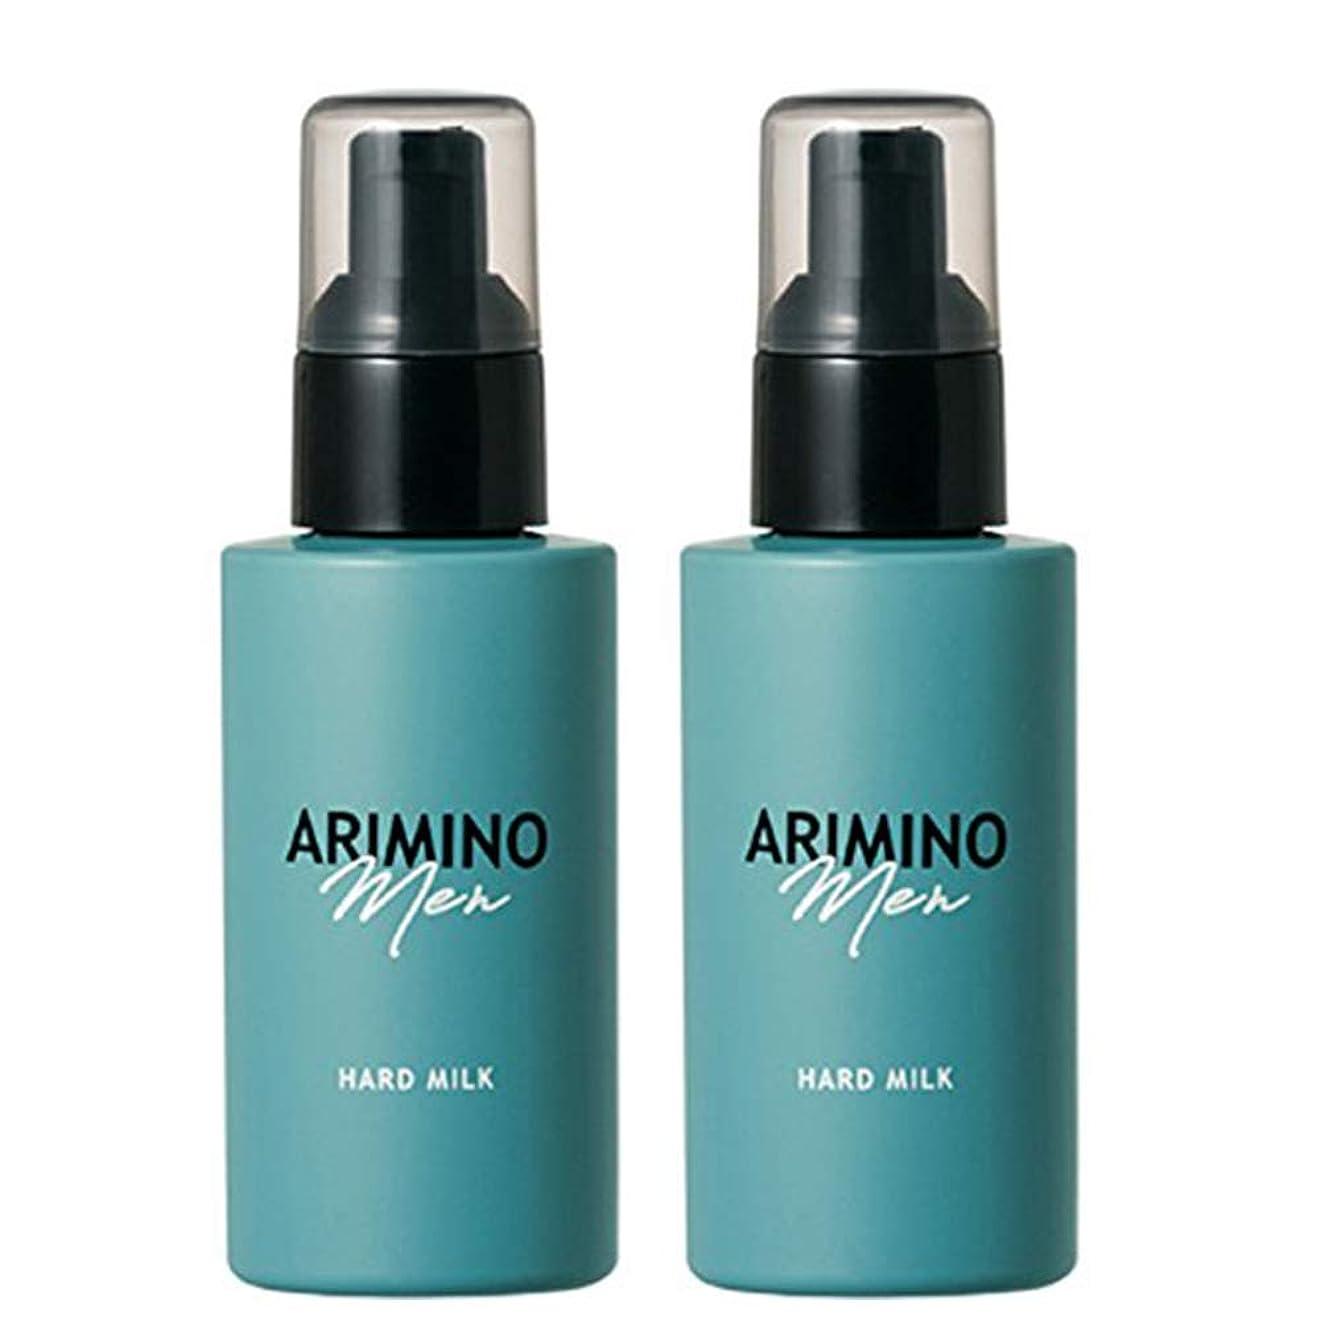 先駆者等々グレートバリアリーフアリミノ メン ハード ミルク 100g ×2個 セット arimino men